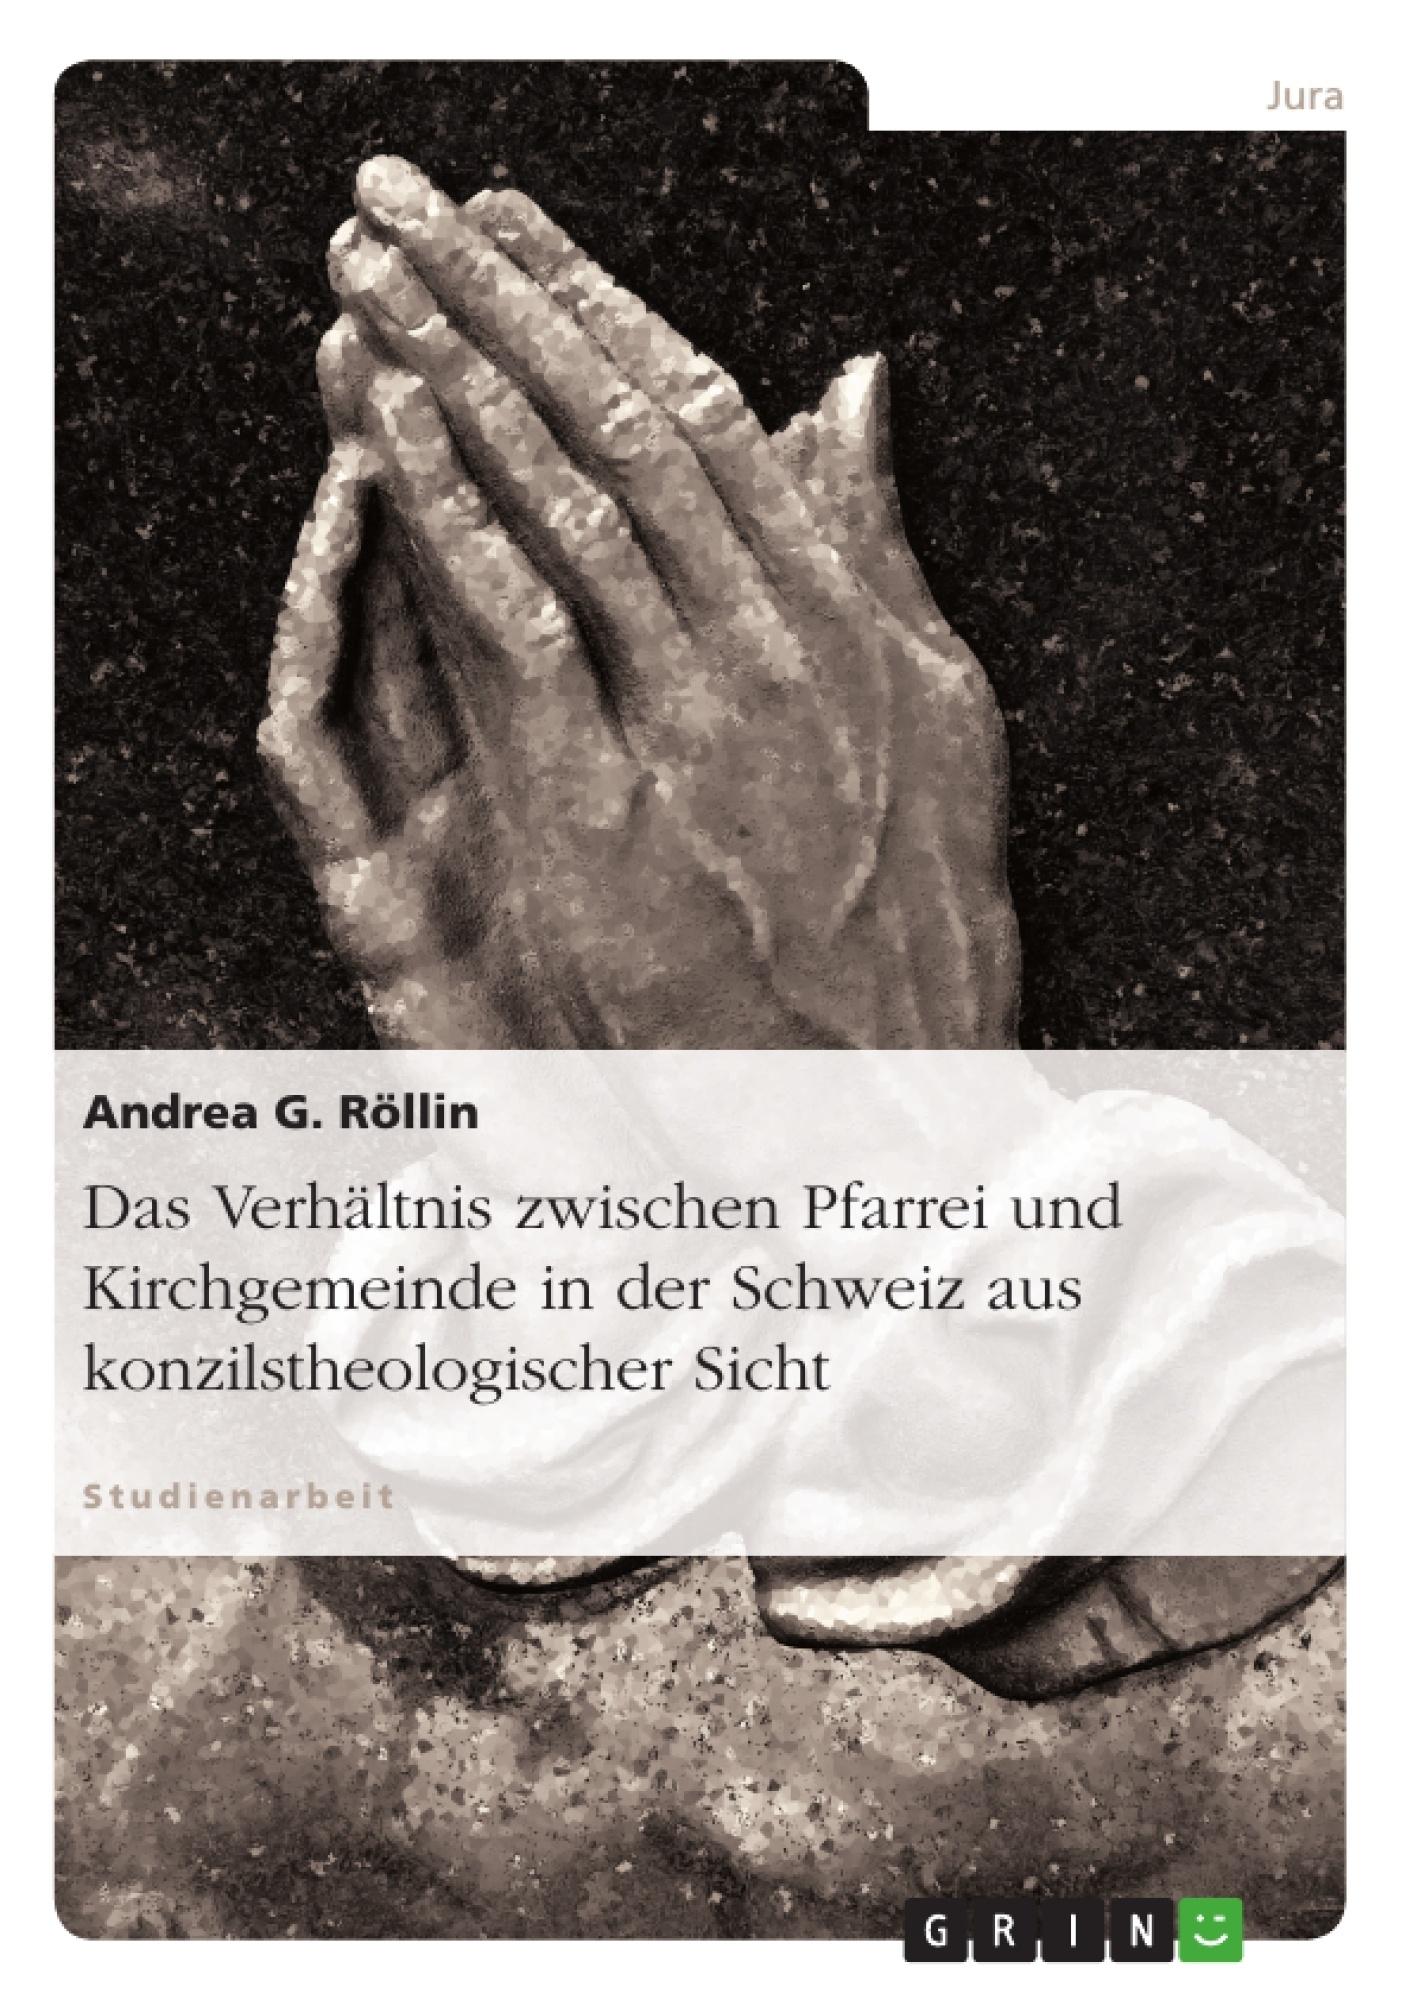 Titel: Das Verhältnis zwischen Pfarrei und Kirchgemeinde in der Schweiz aus konzilstheologischer Sicht